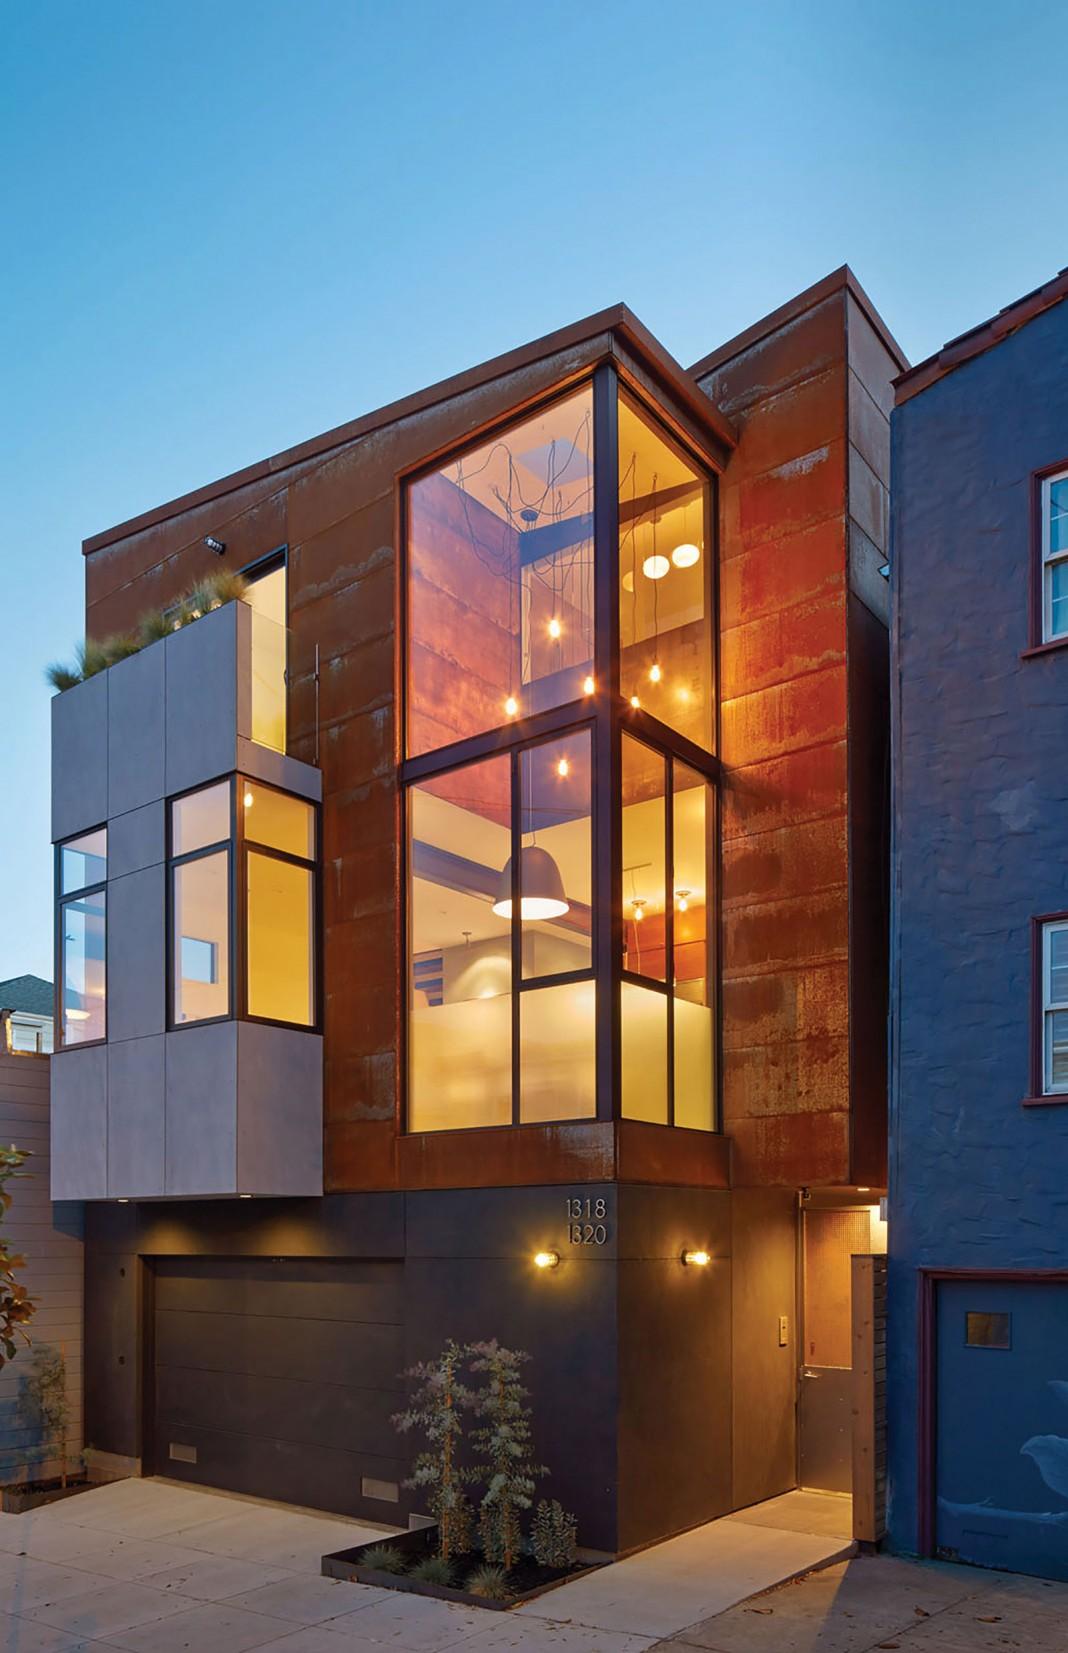 Bright and Elegant Interior Design of Steelhouse 1 and 2 by Zack | de Vito Architecture